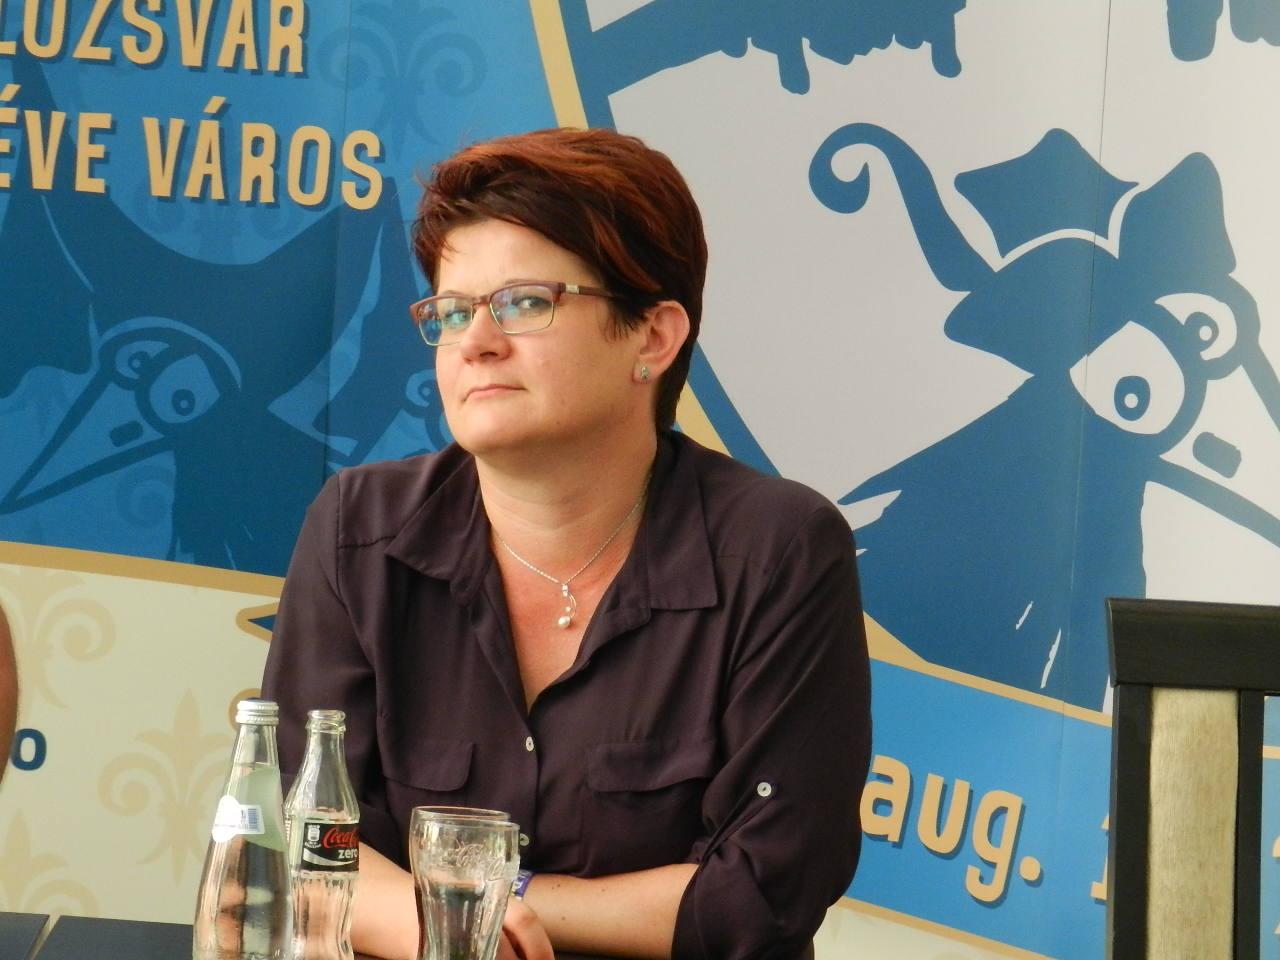 Viceprimărița Clujului, Anna Horvath, a intrat în vizorul DNA, într-o anchetă care vizează finanțarea campaniei electorale din iunie 2016